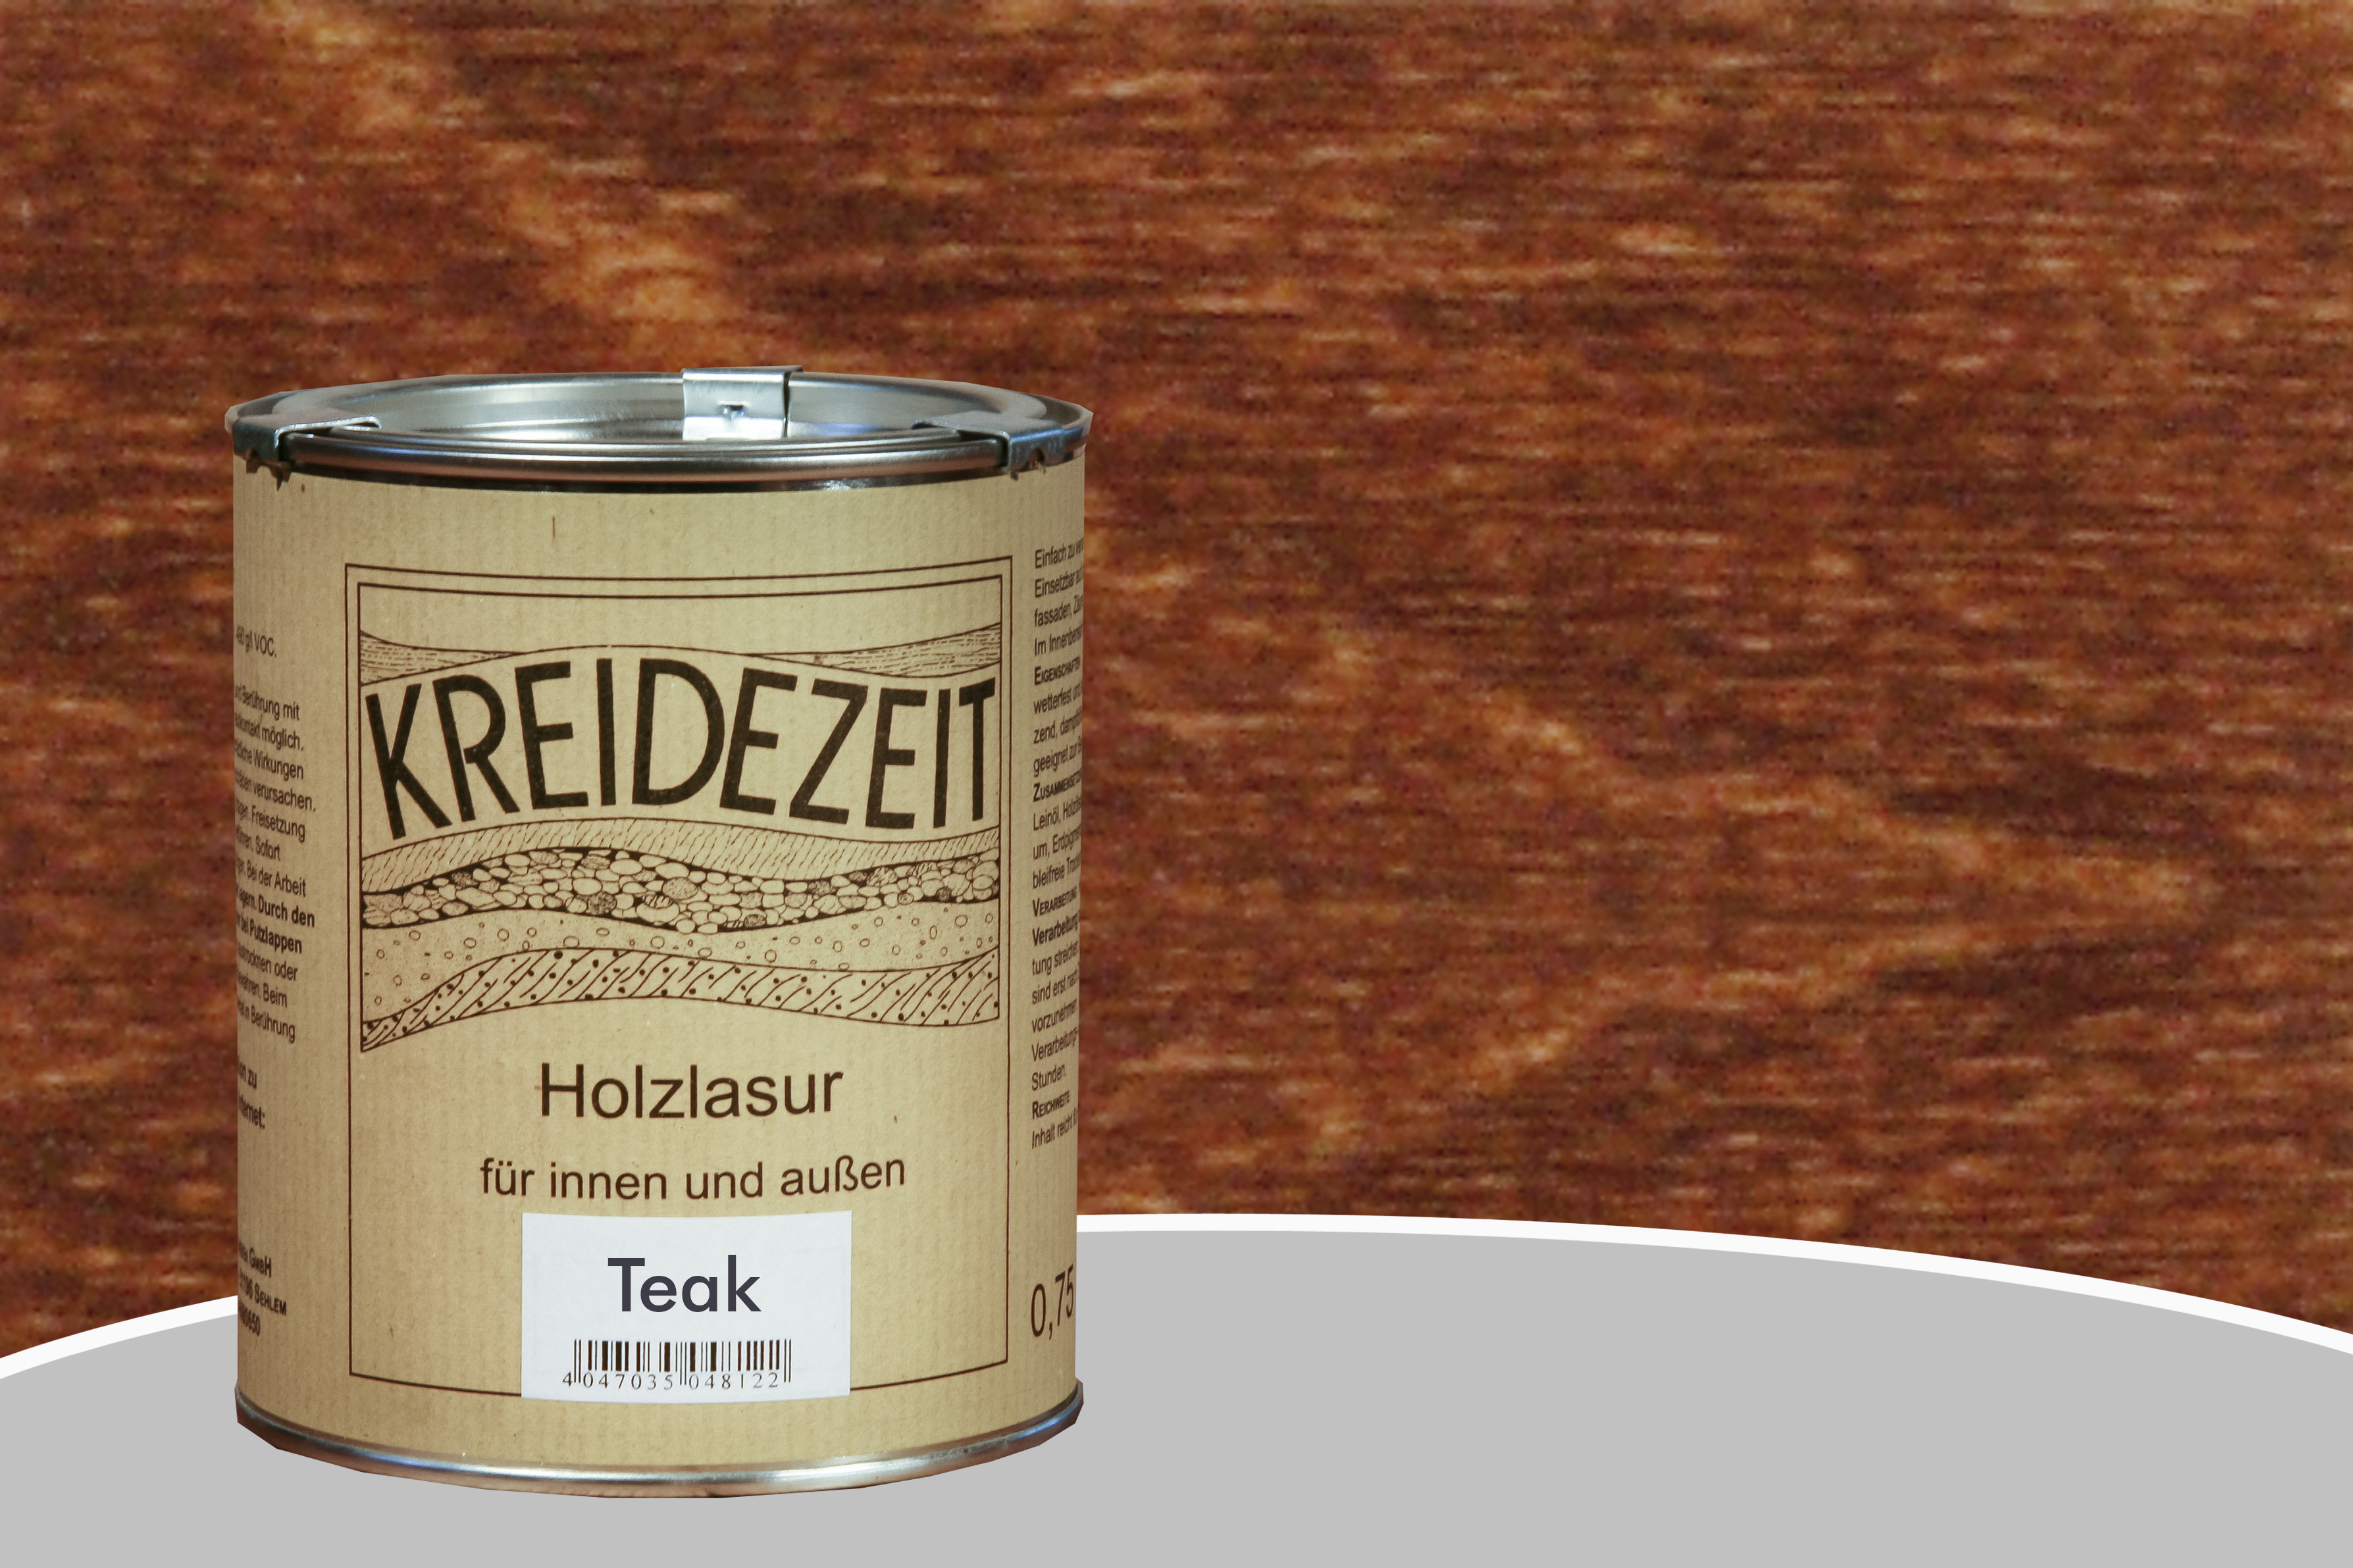 Kreidezeit Holzlasur Teak | Naturanum